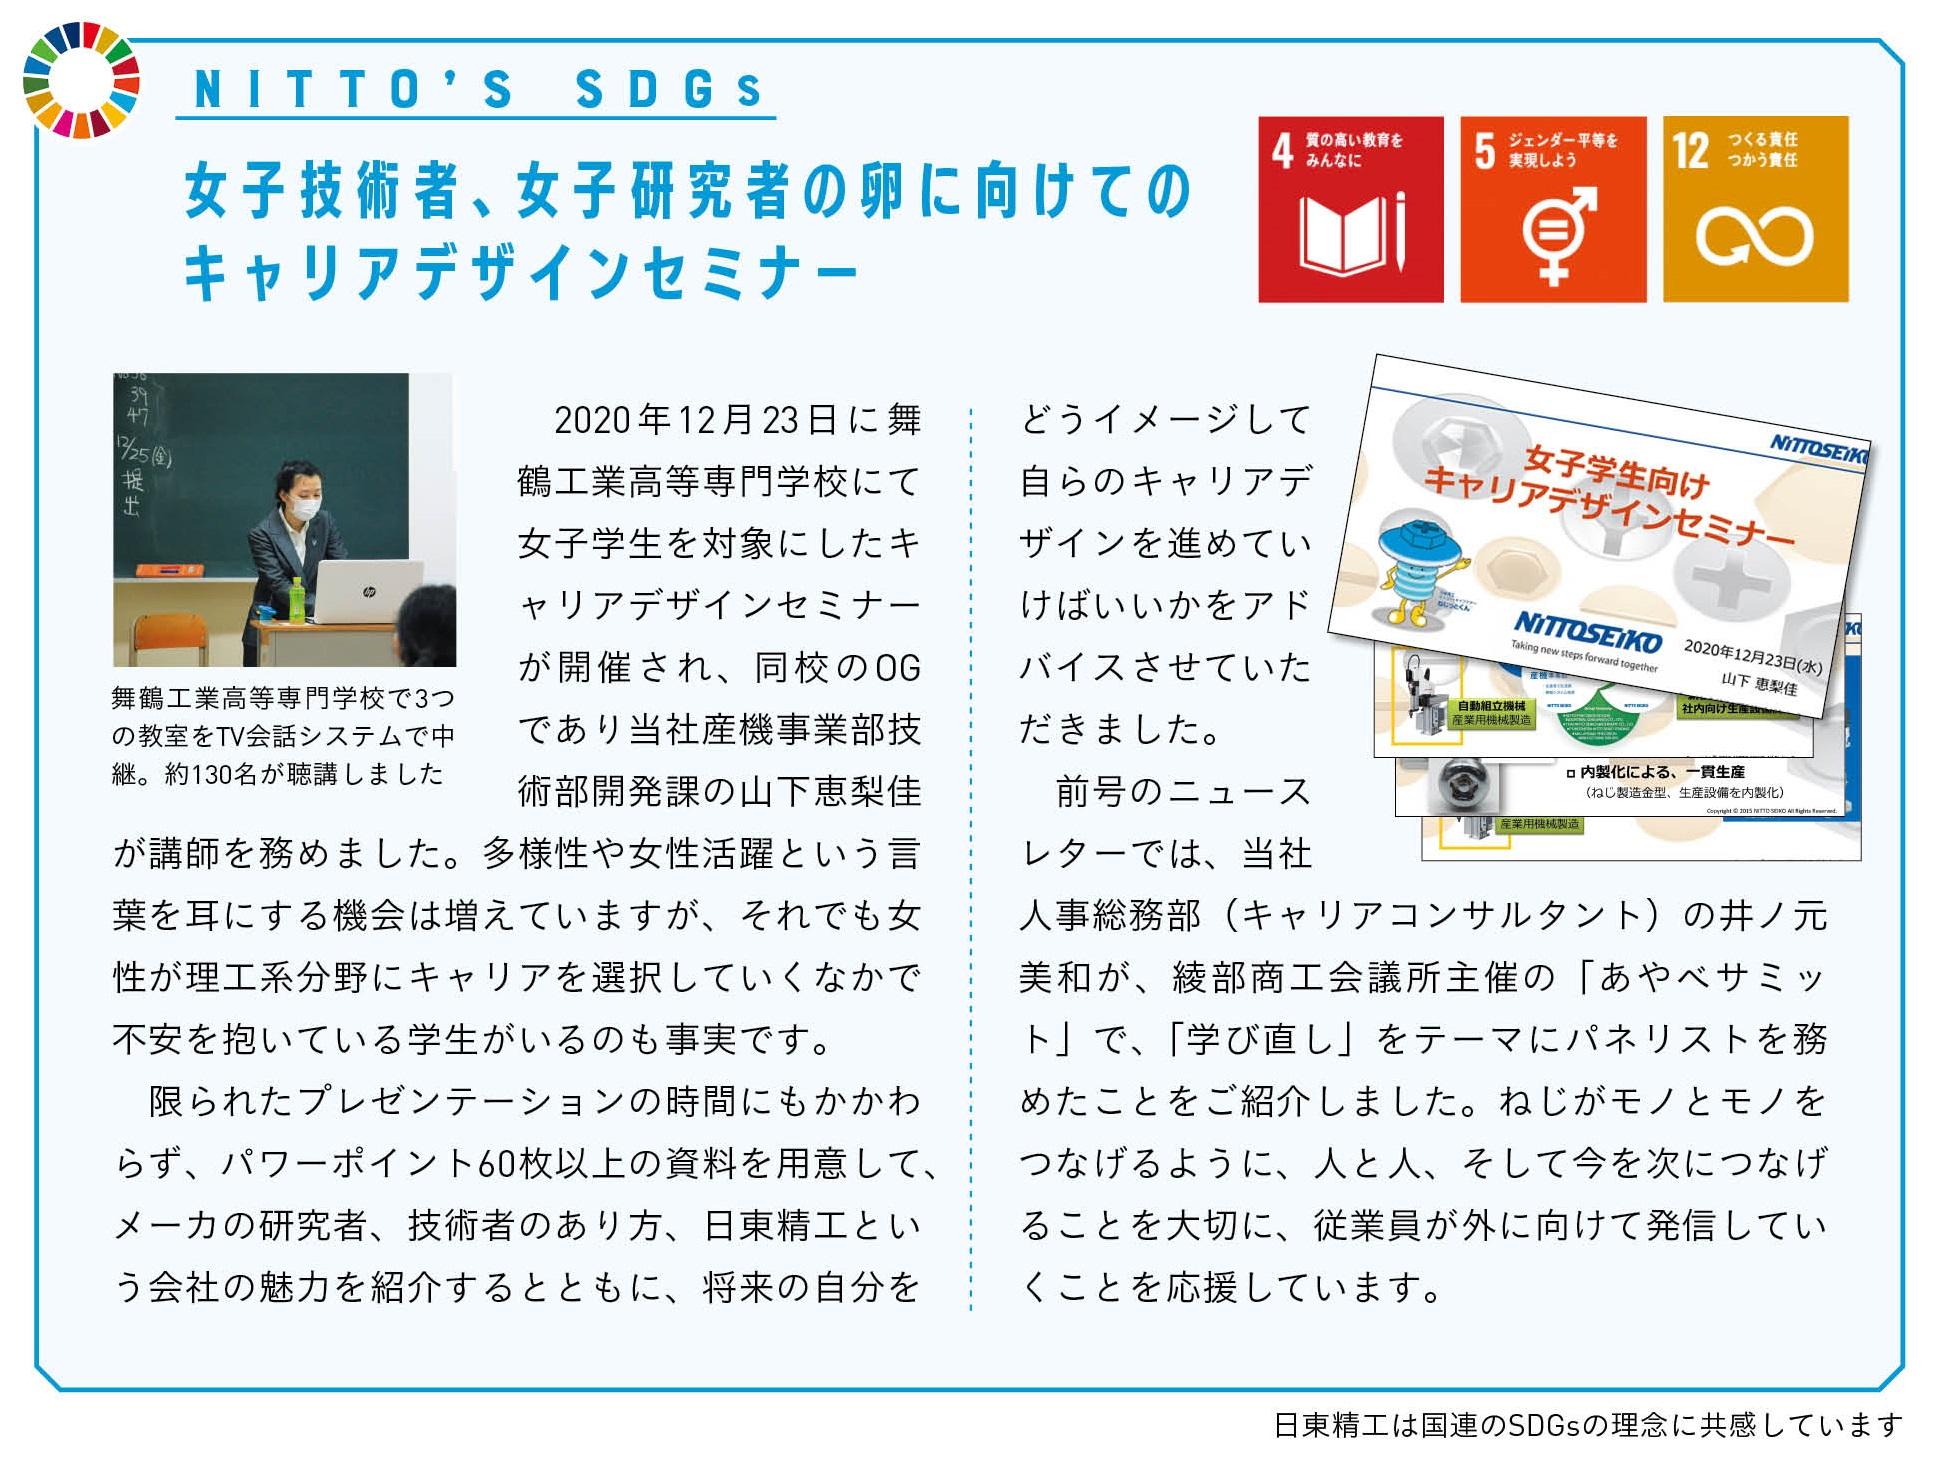 NITTO'S SDGs